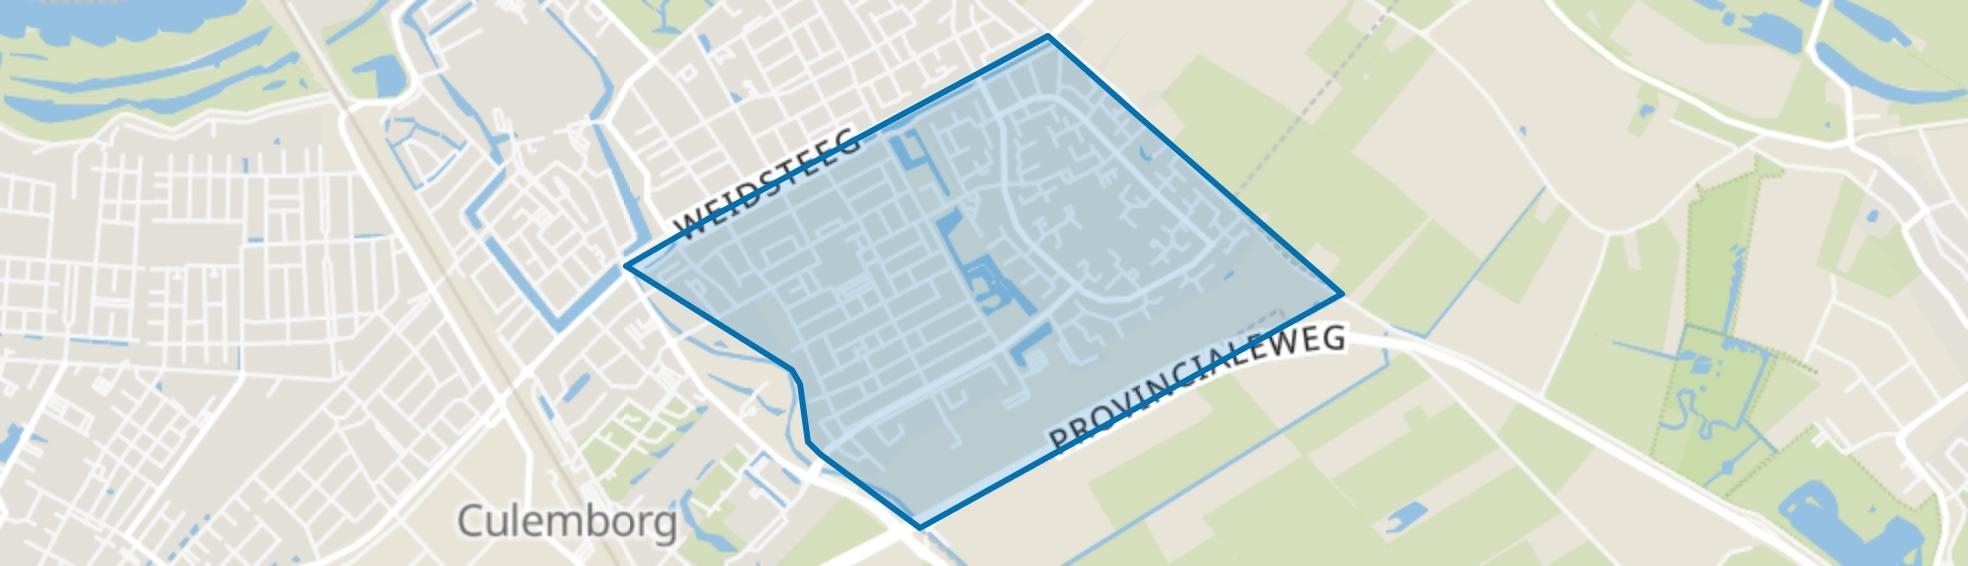 Zuidoostelijke Buitenwijken Ter Weijde, Culemborg map